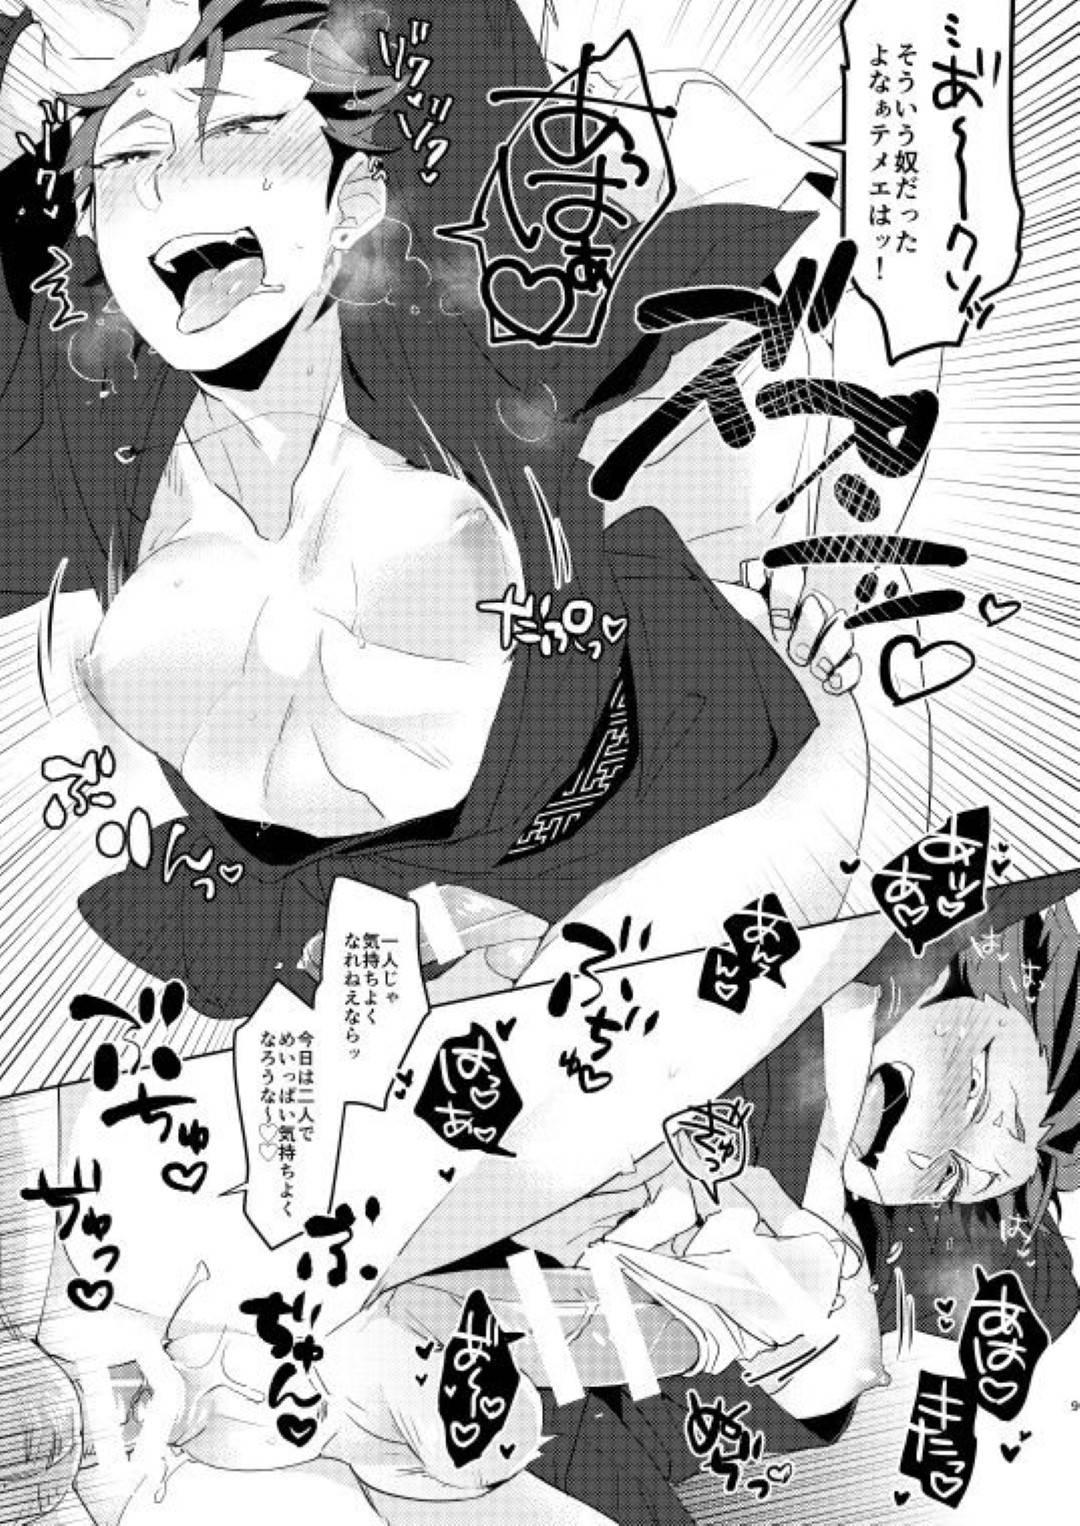 元カレモブに誘われエッチする紅郎…夏祭りで妹とハグれた紅郎はセクハラされると相手は元カレだった!誘いに乗ってしまった紅郎は青姦アナルセックスでハメられまくる!